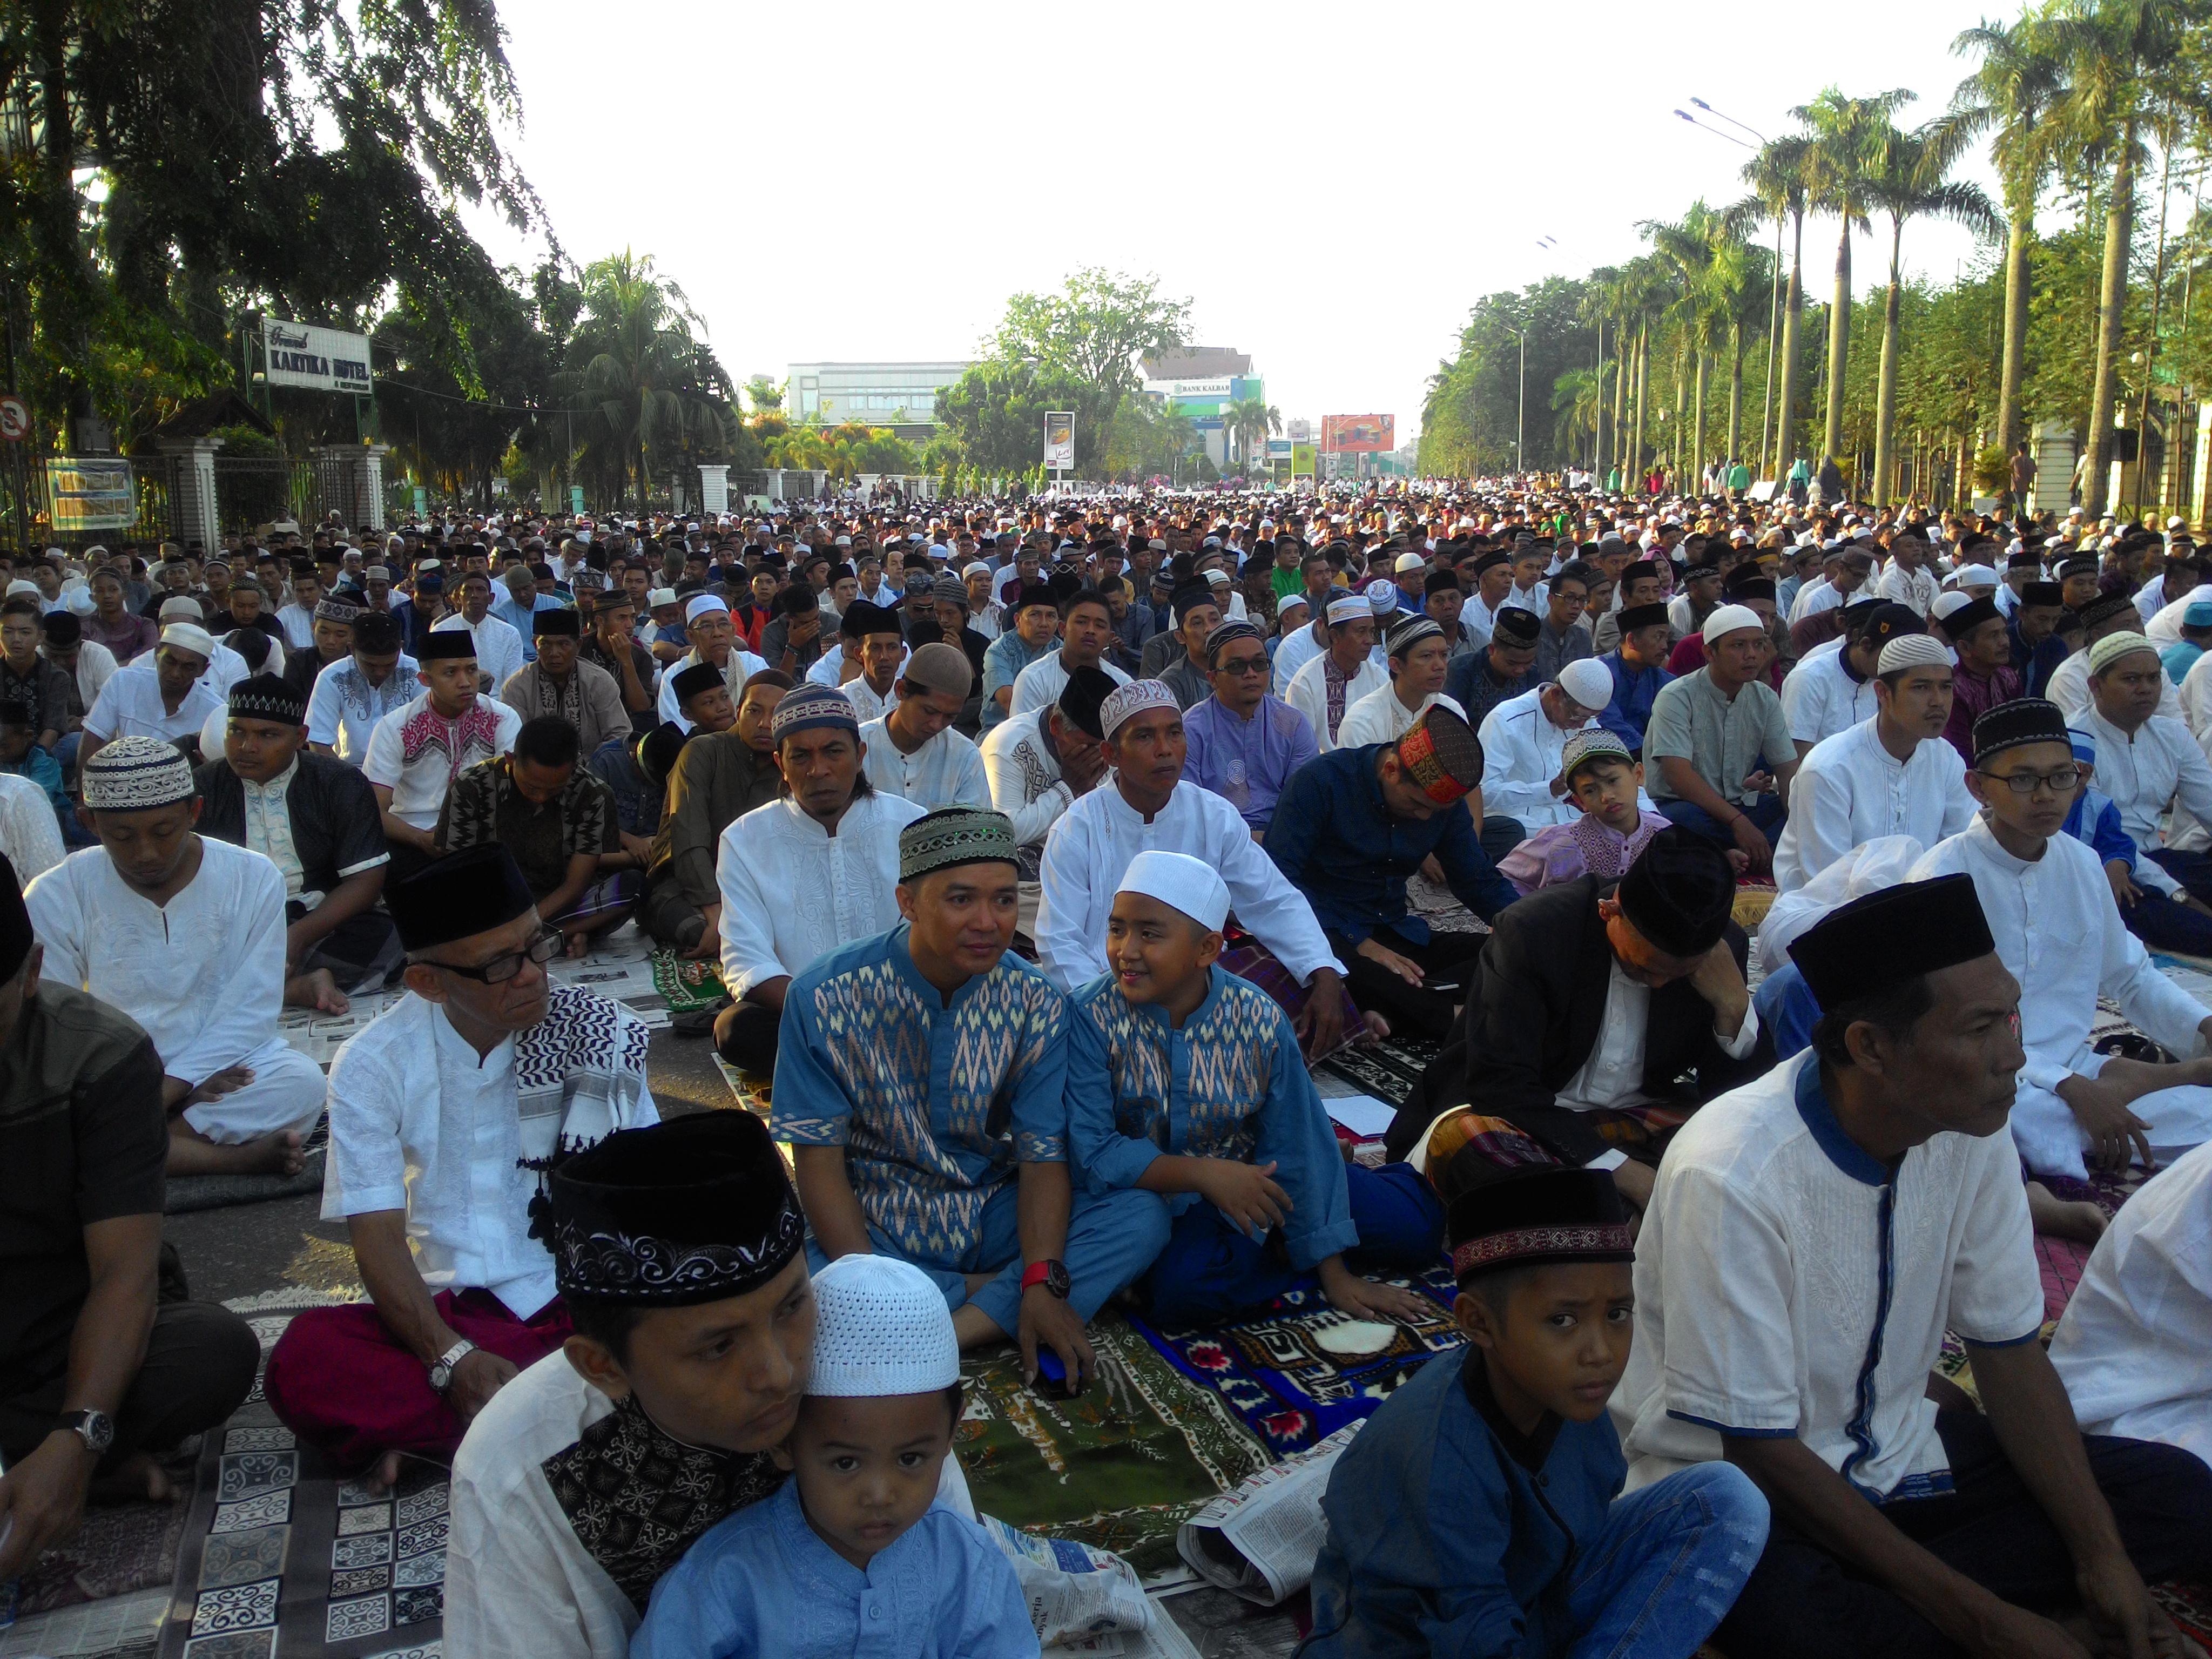 Suasana Sholat Idul Fitri Taman Alun Kapuas Foto 1 Syawal